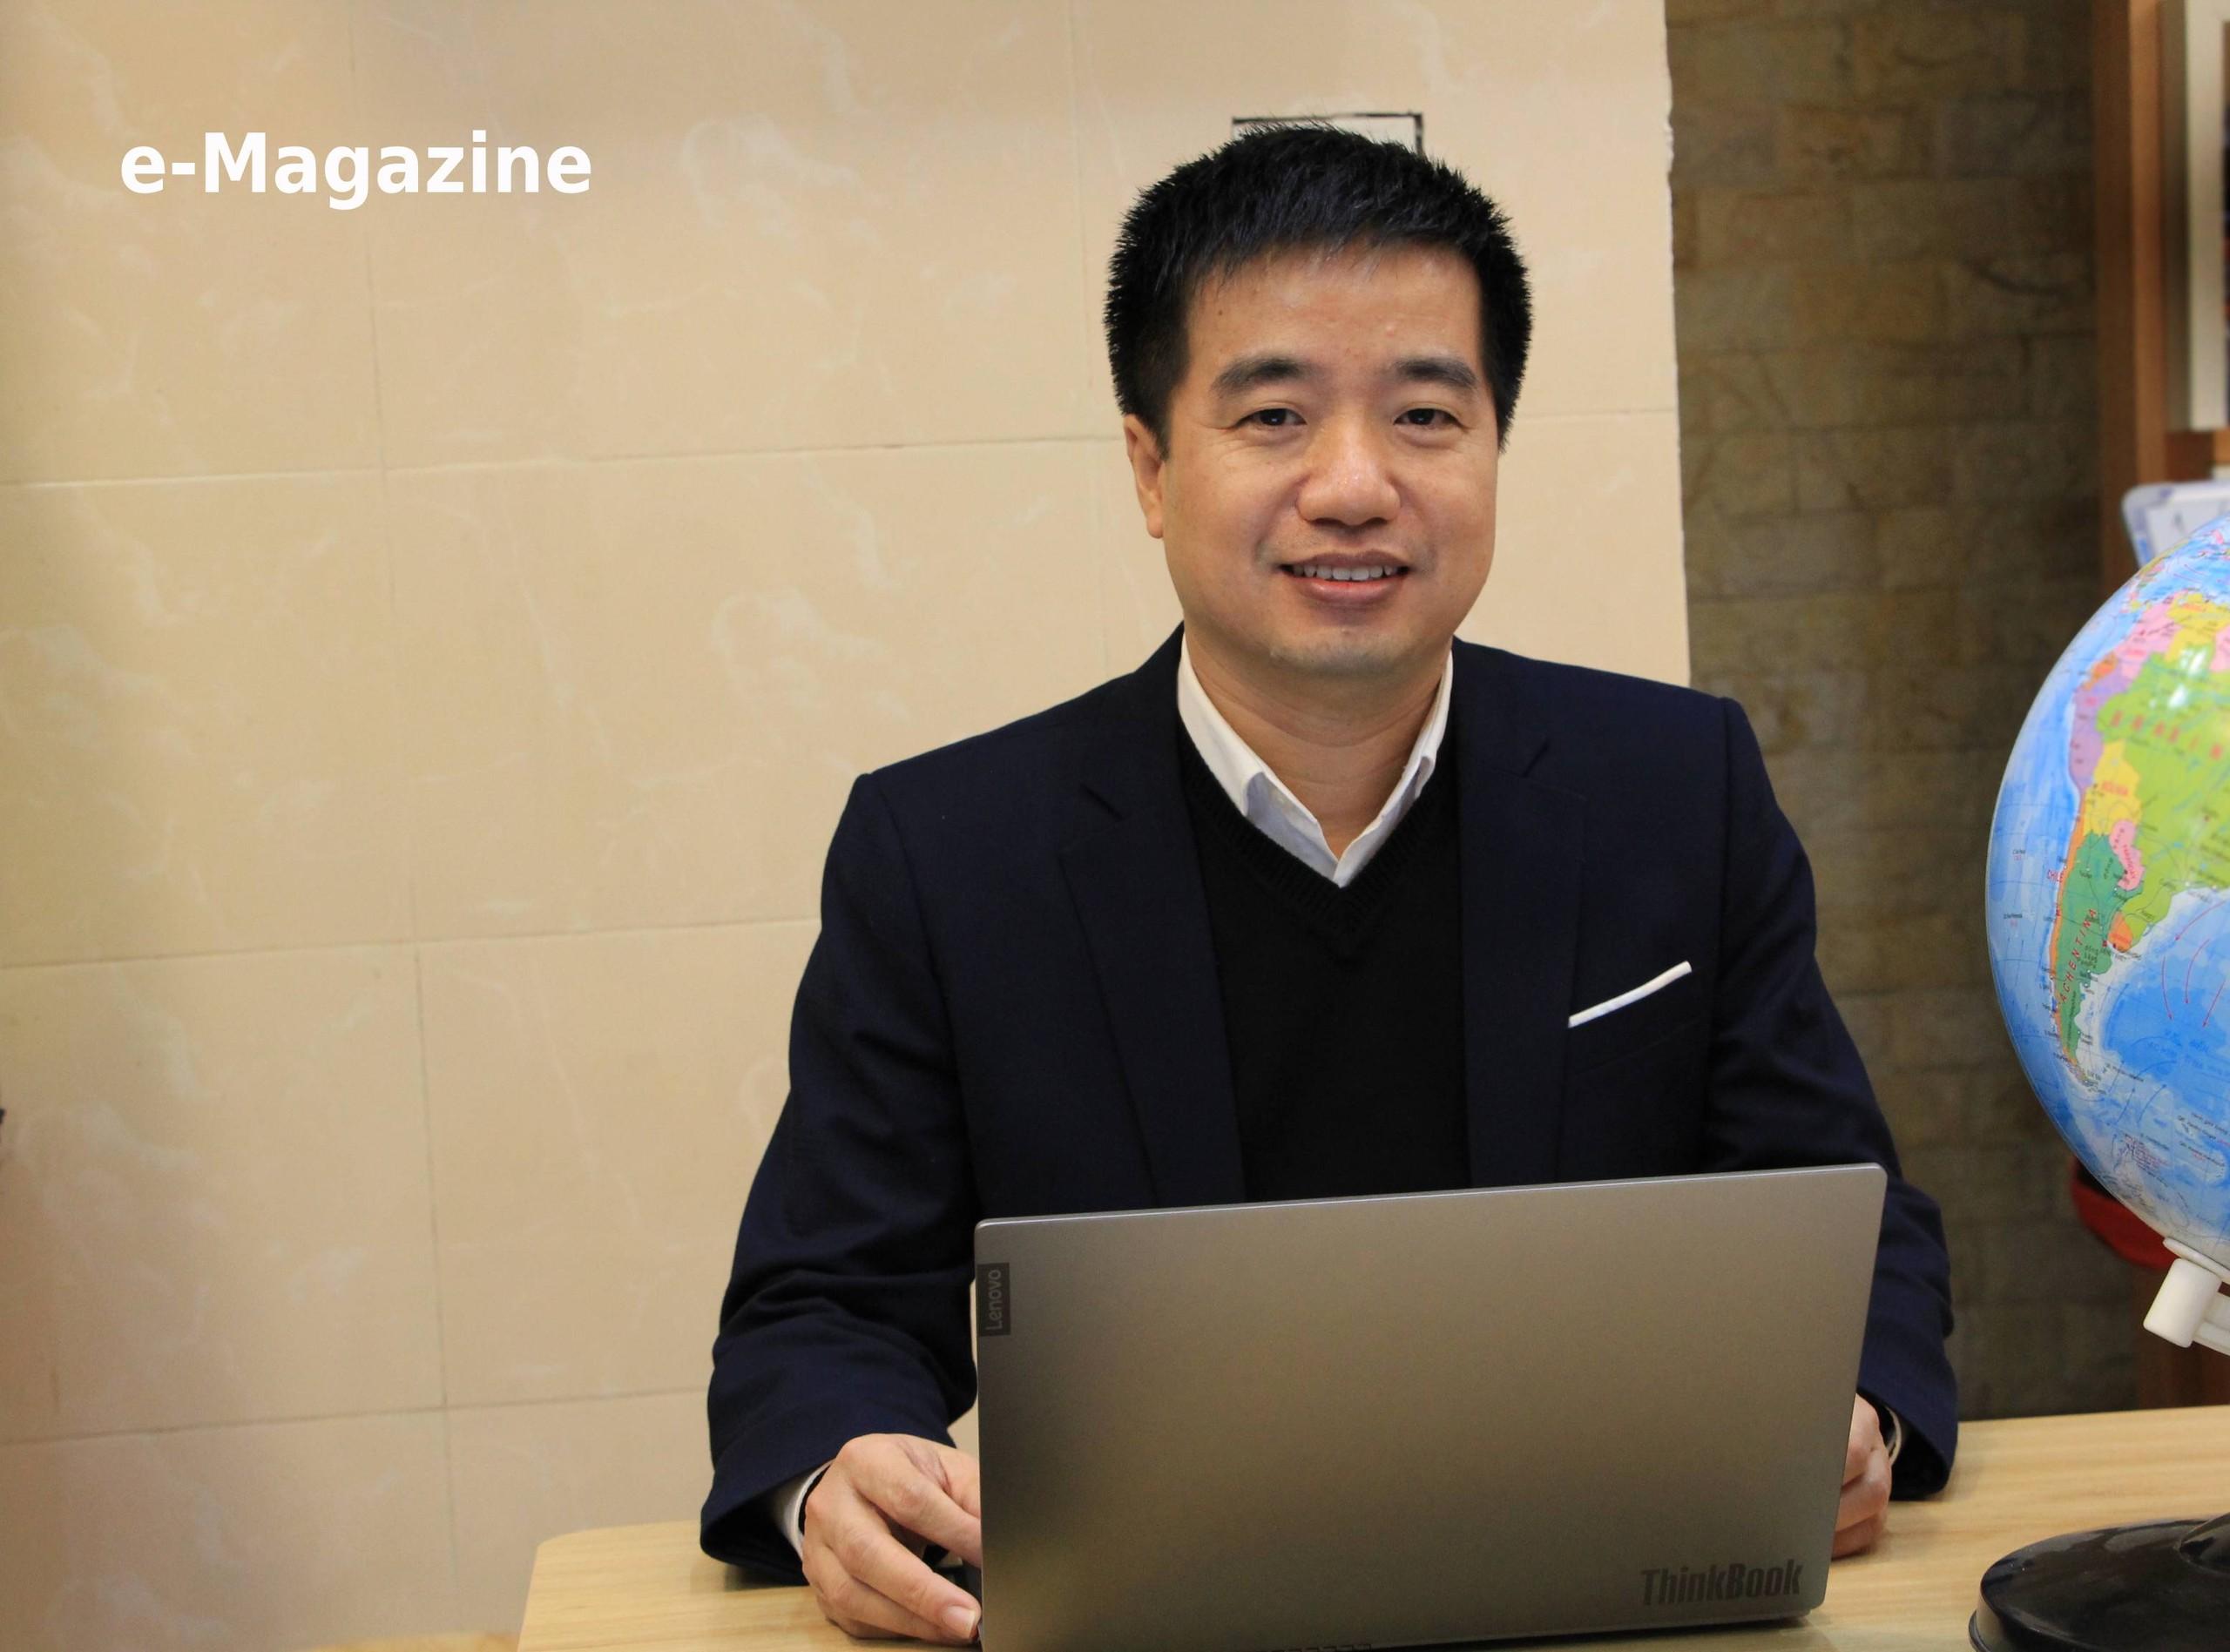 [e-Magazine] Thạc sĩ Nguyễn Quyết Chiến - Tổng Thư ký VUSTA: Vinh dự nhưng... trách nhiệm nặng nề